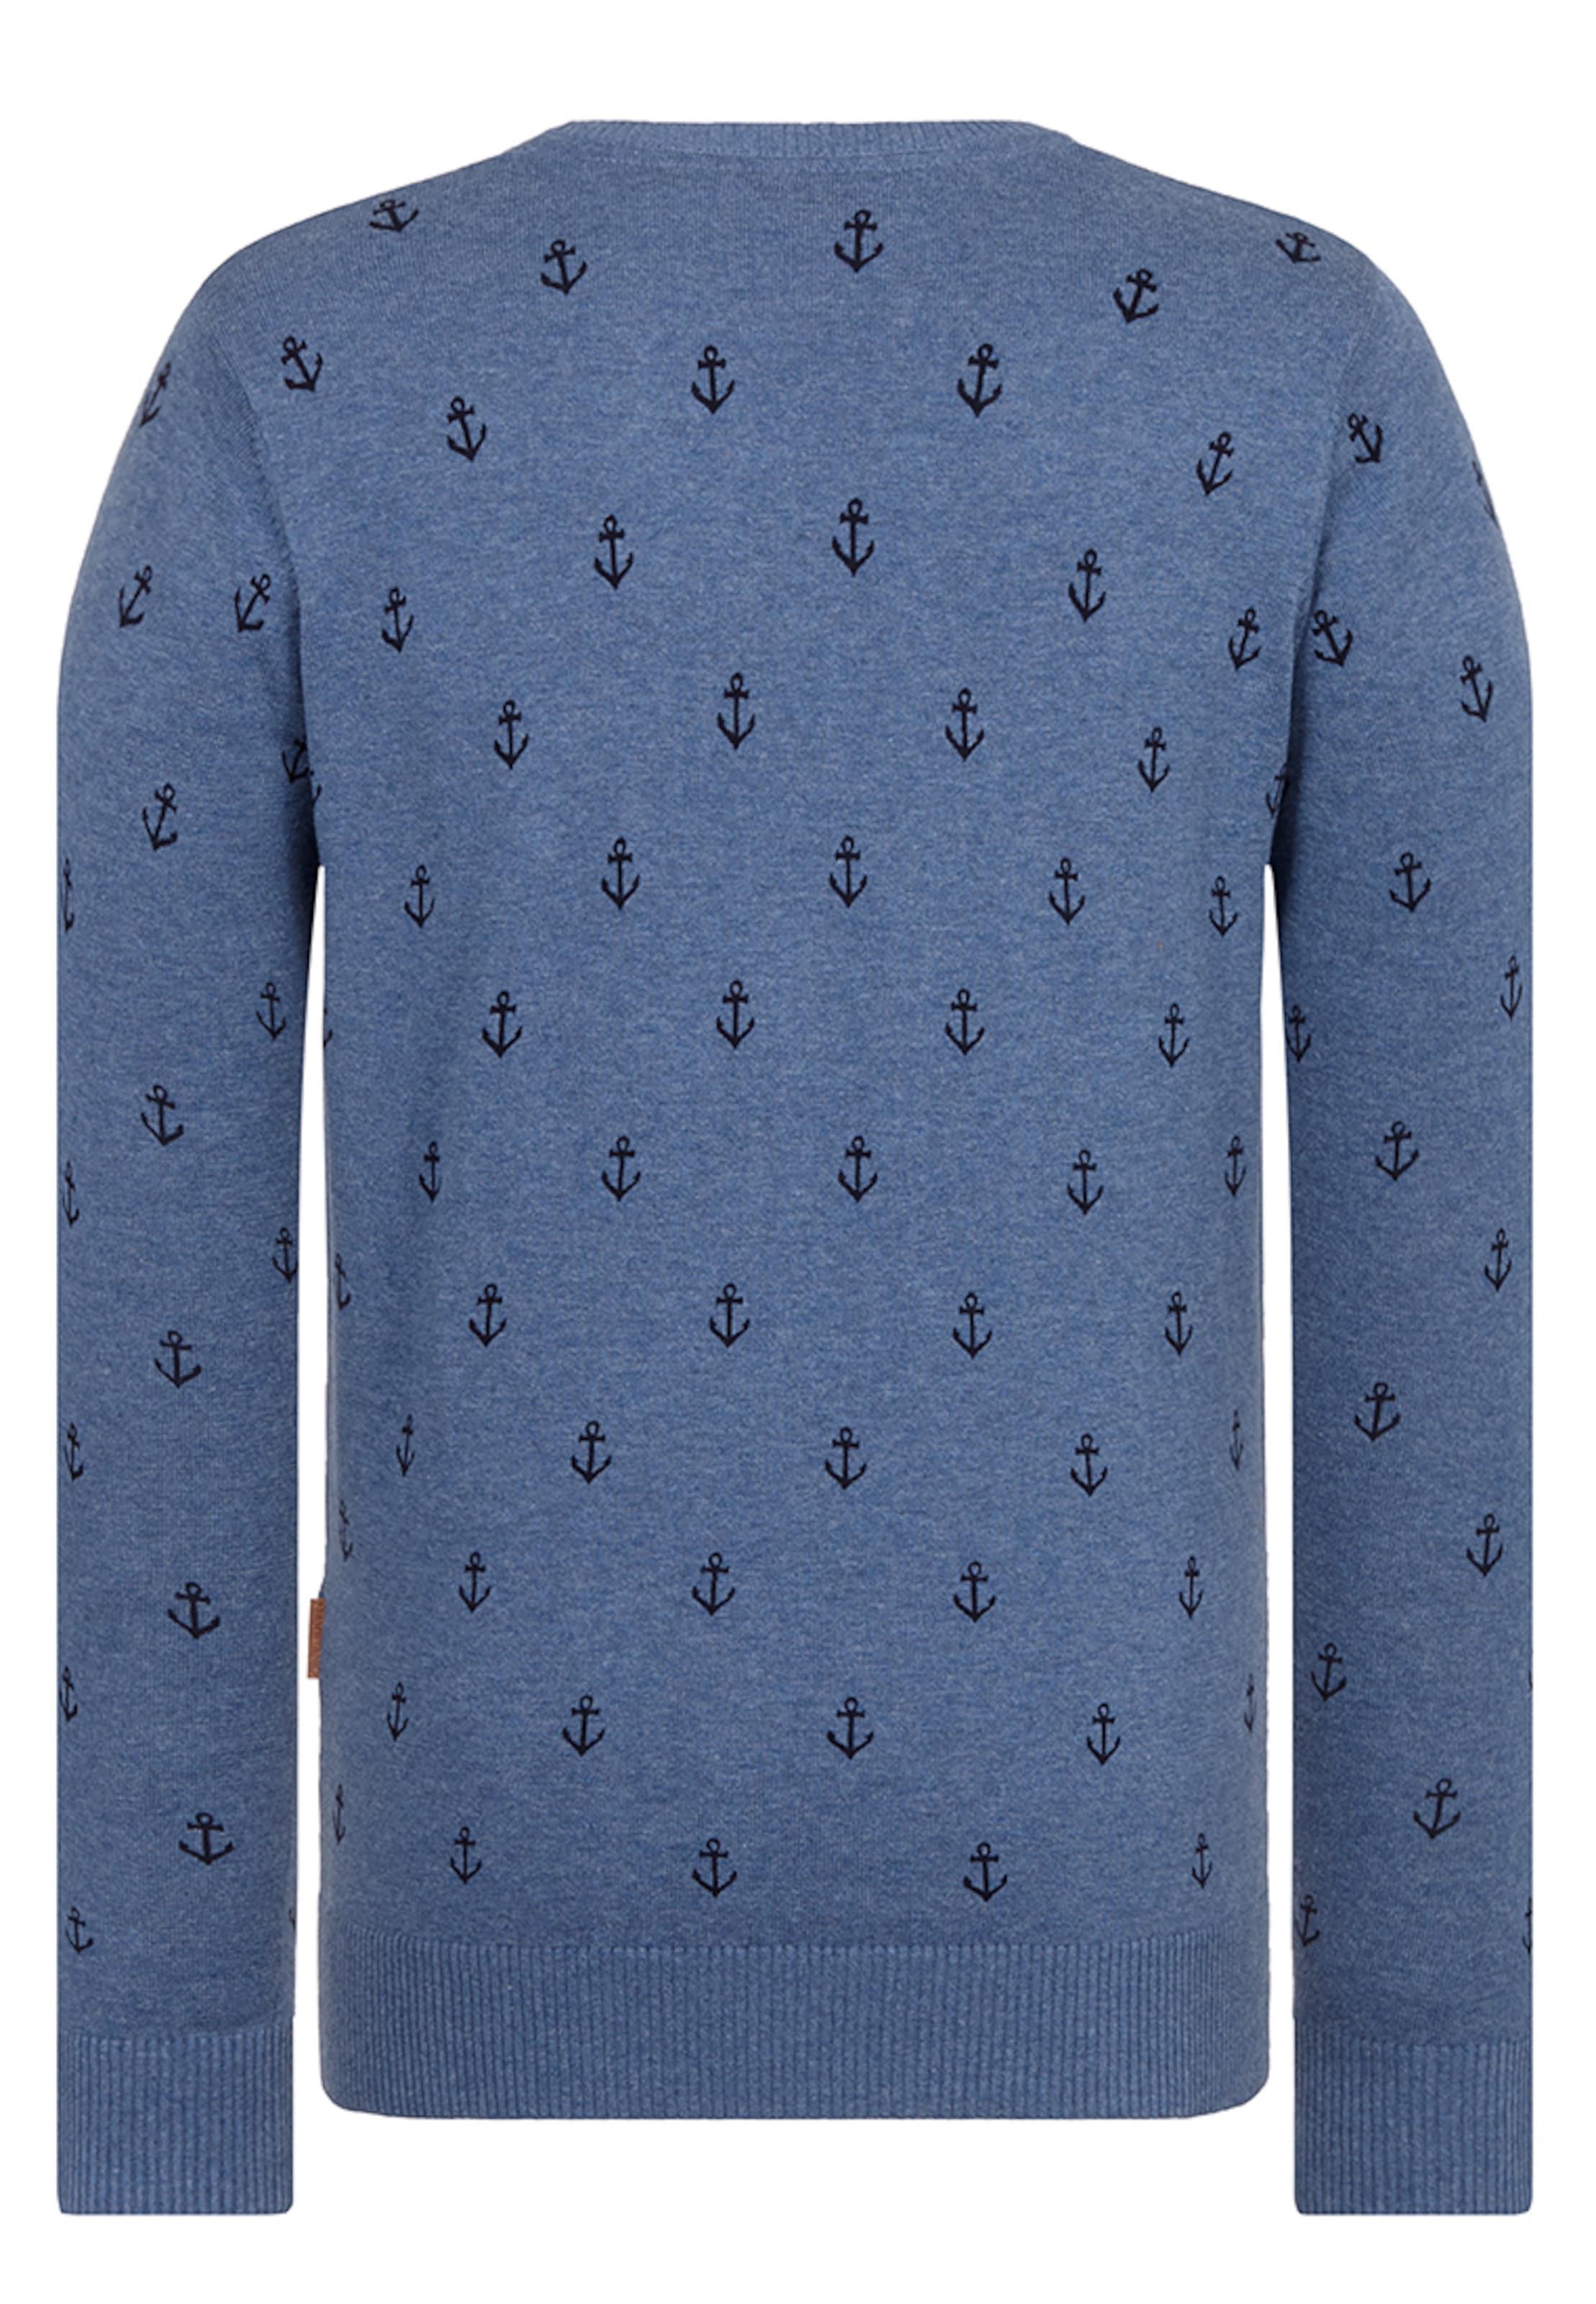 Online Einkaufen naketano Pullover 'Guck auf meine Hoden' Marktfähig Günstiger Preis Rabatt Großer Verkauf sstTFaib9C